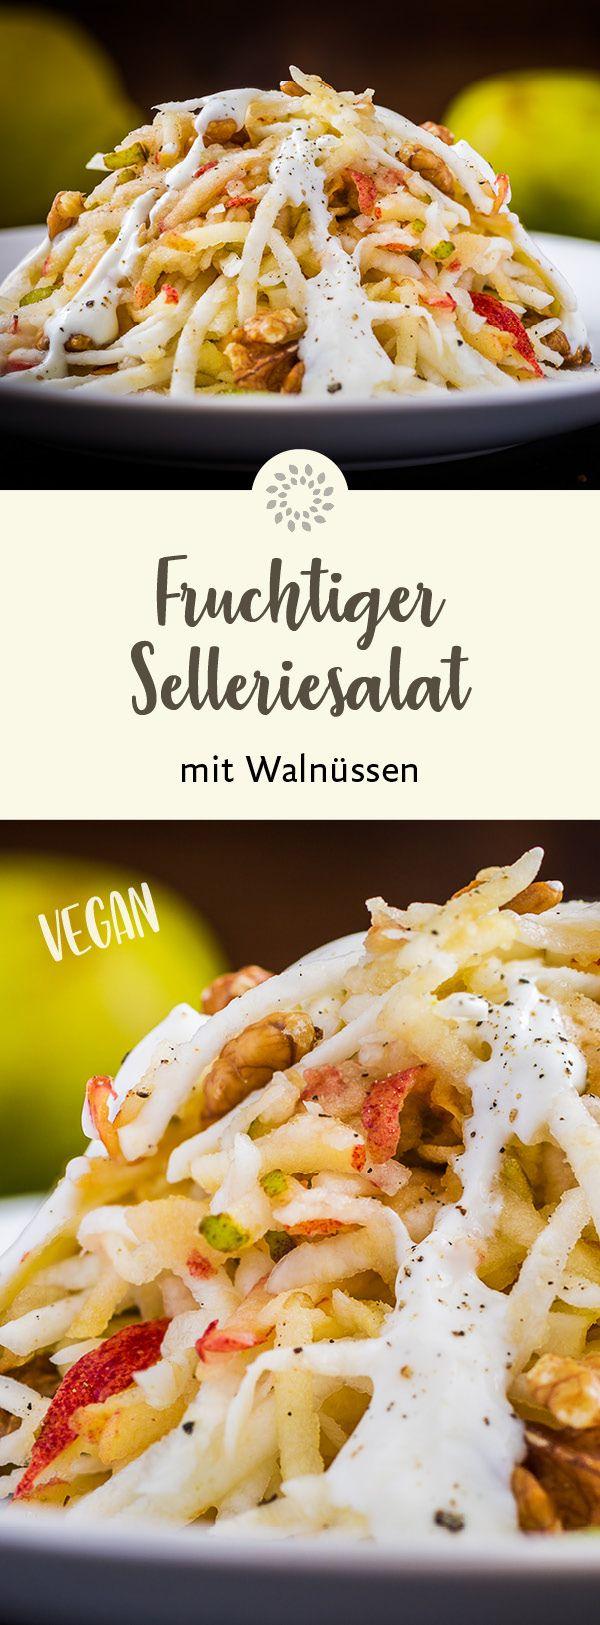 Die Kombination aus Gemüse, Obst, Nüssen und dem fein säuerlichen Dressing macht aus diesem Rohkost-Salat eine wahre Delikatesse. Der Selleriesalat ist schnell zubereitet und gelingt garantiert auch jedem Koch-Anfänger. #rezept #vegan #sellerie #walnuss #salat #walnutsnutrition